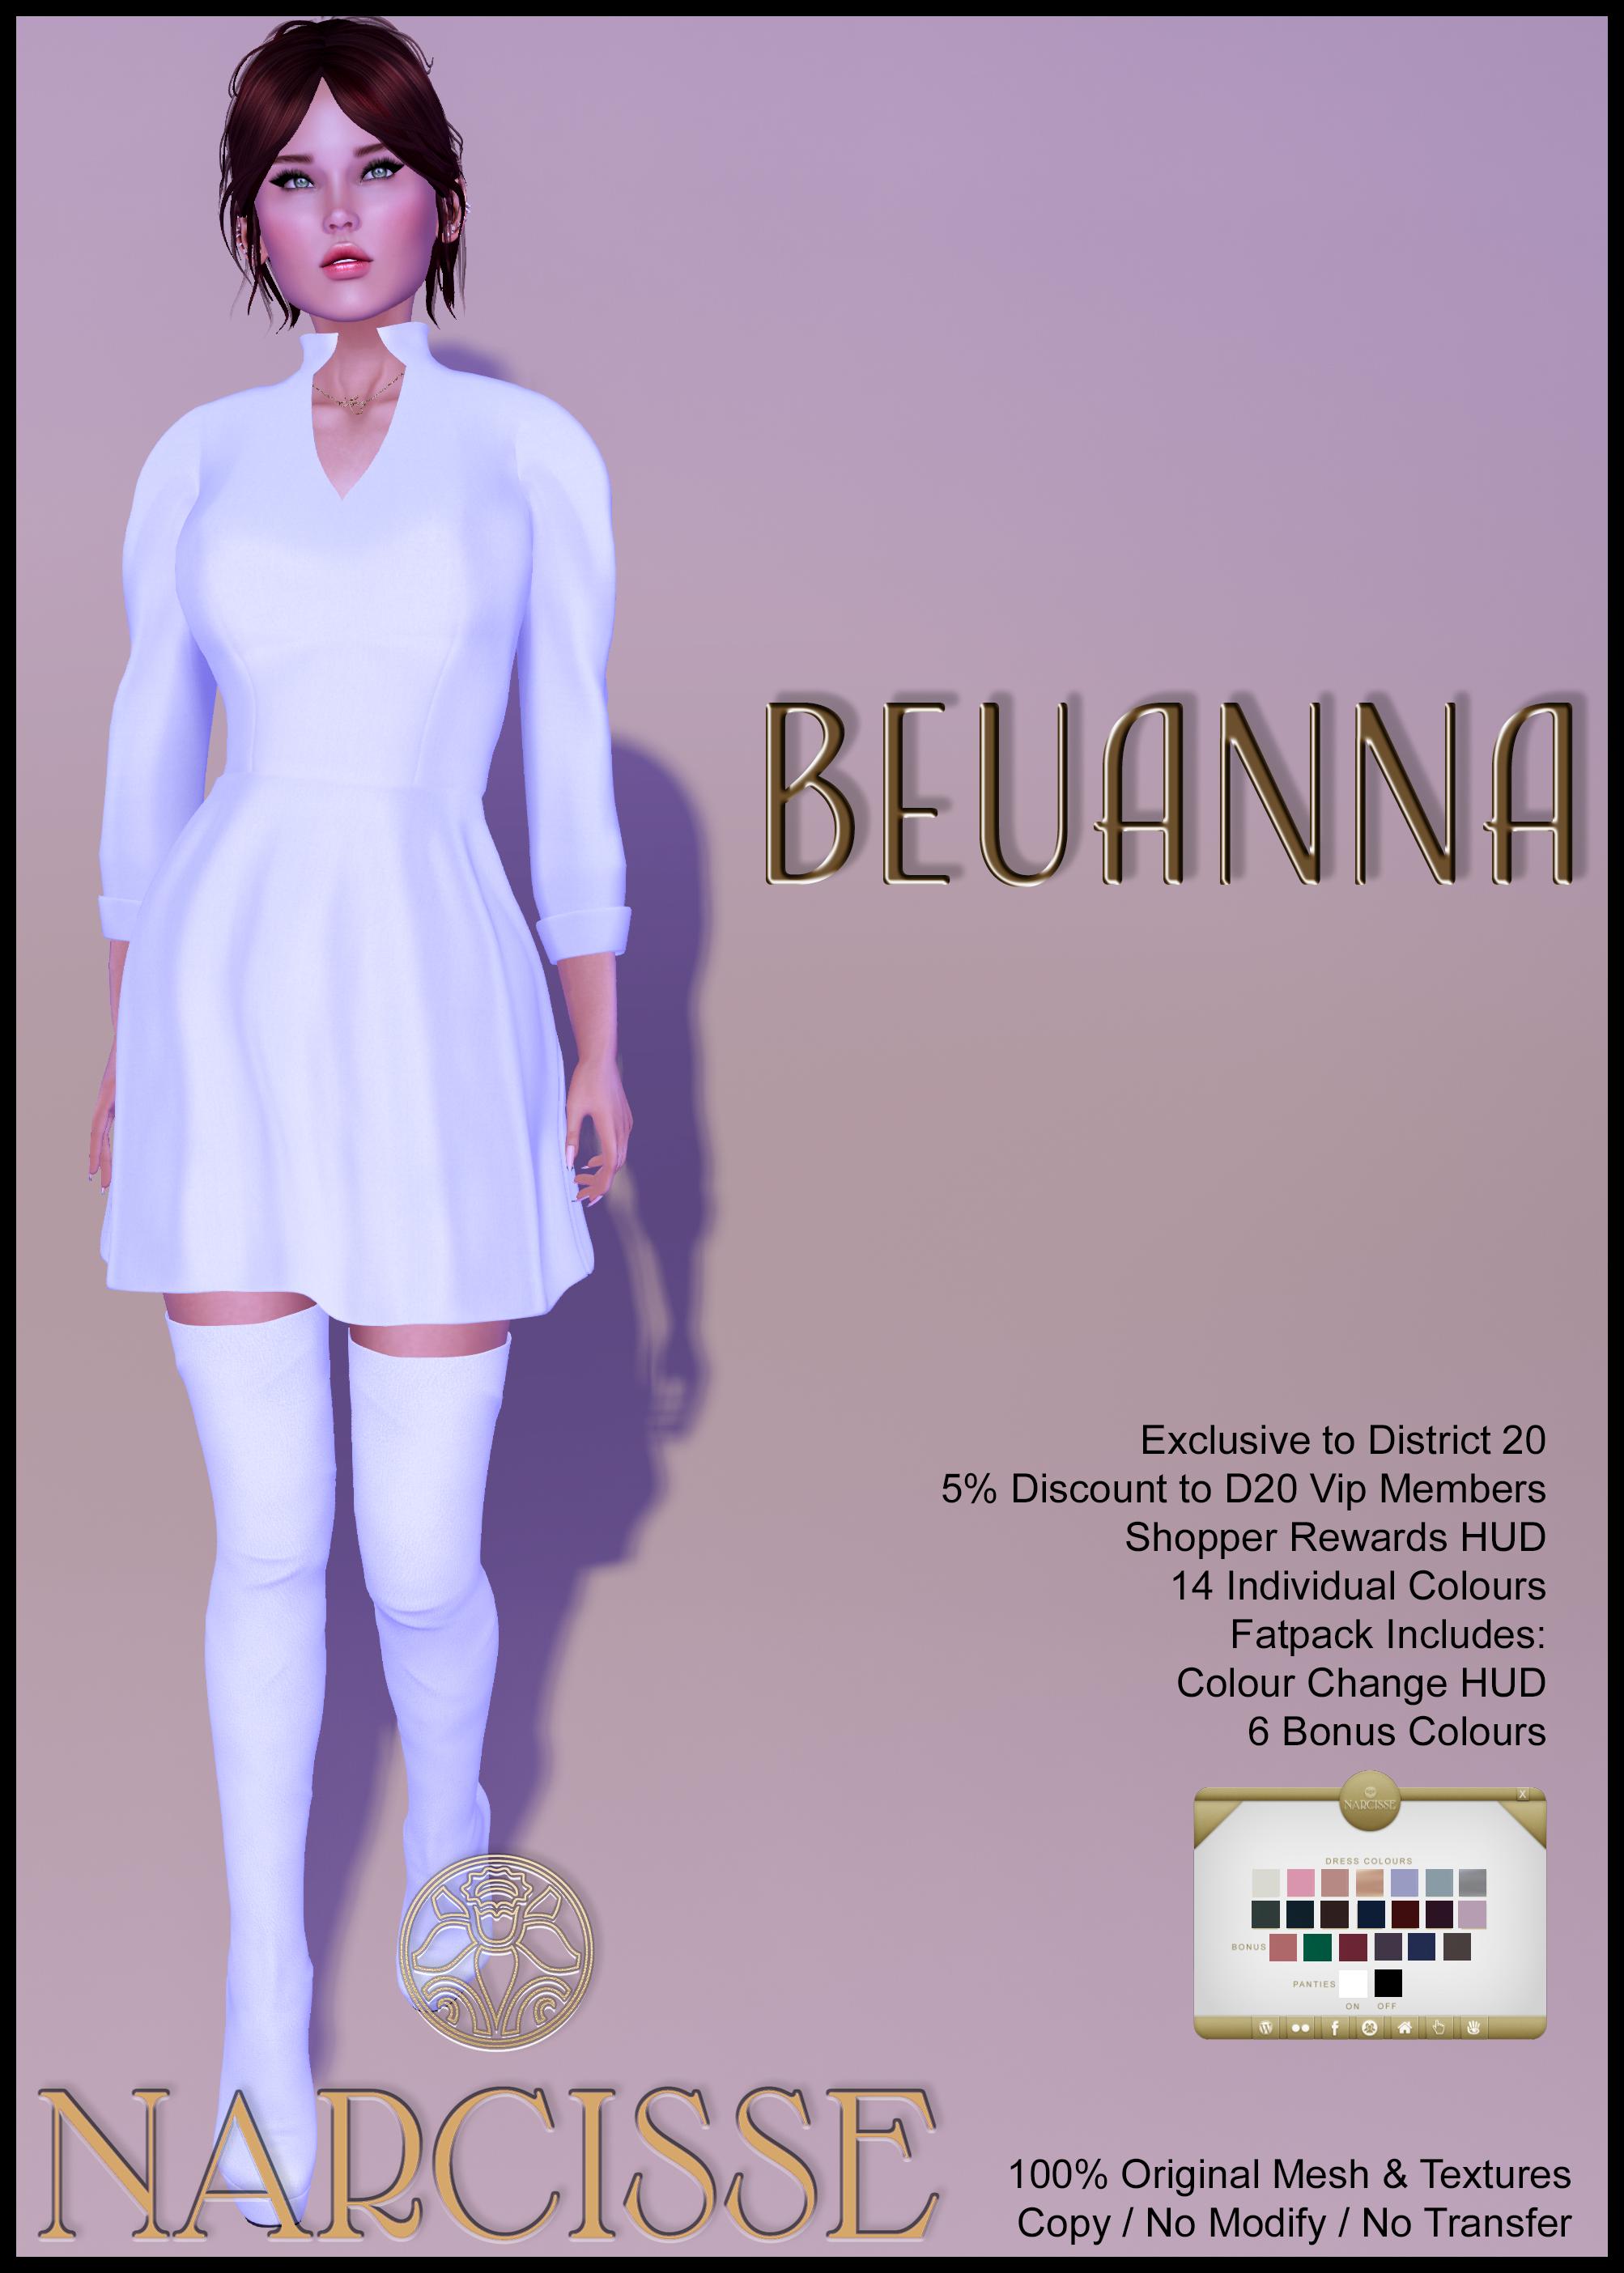 Beuanna